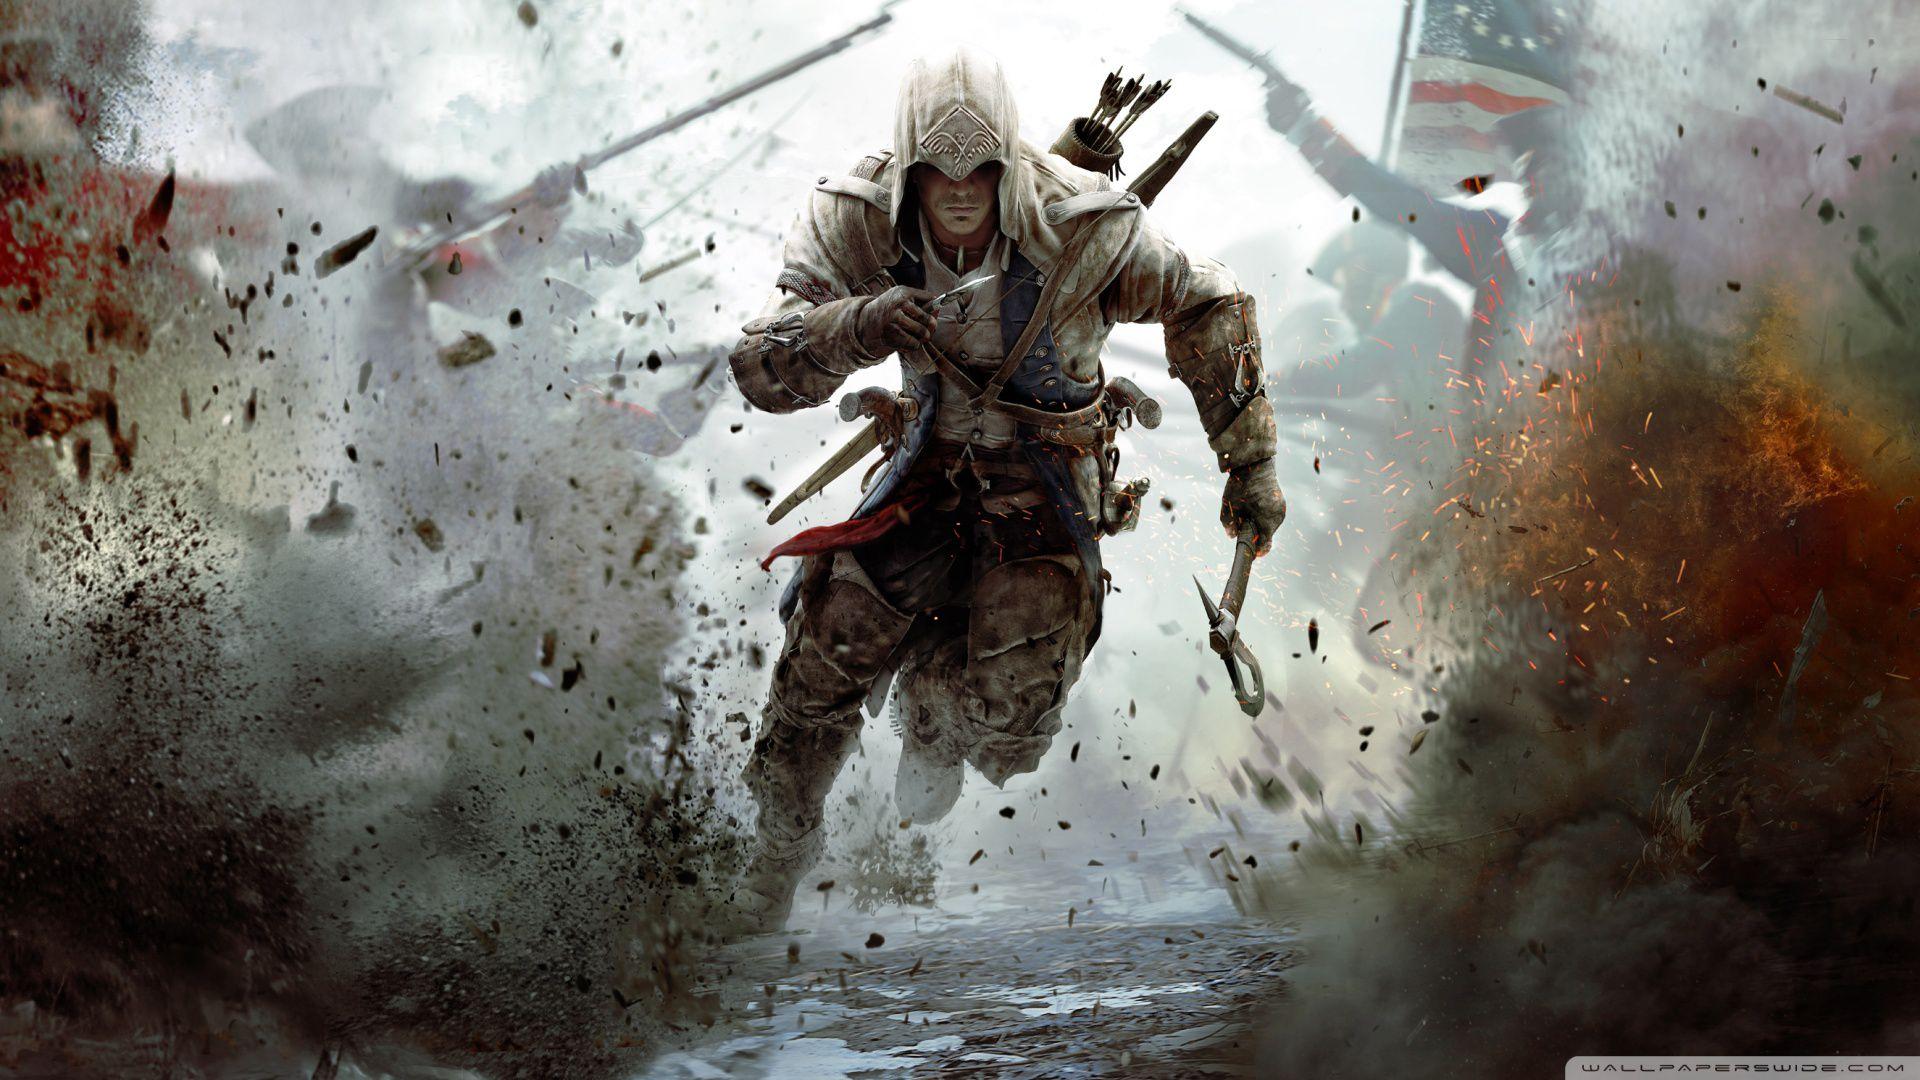 La remastered di Assassin's Creed 3 uscirà anche su Switch